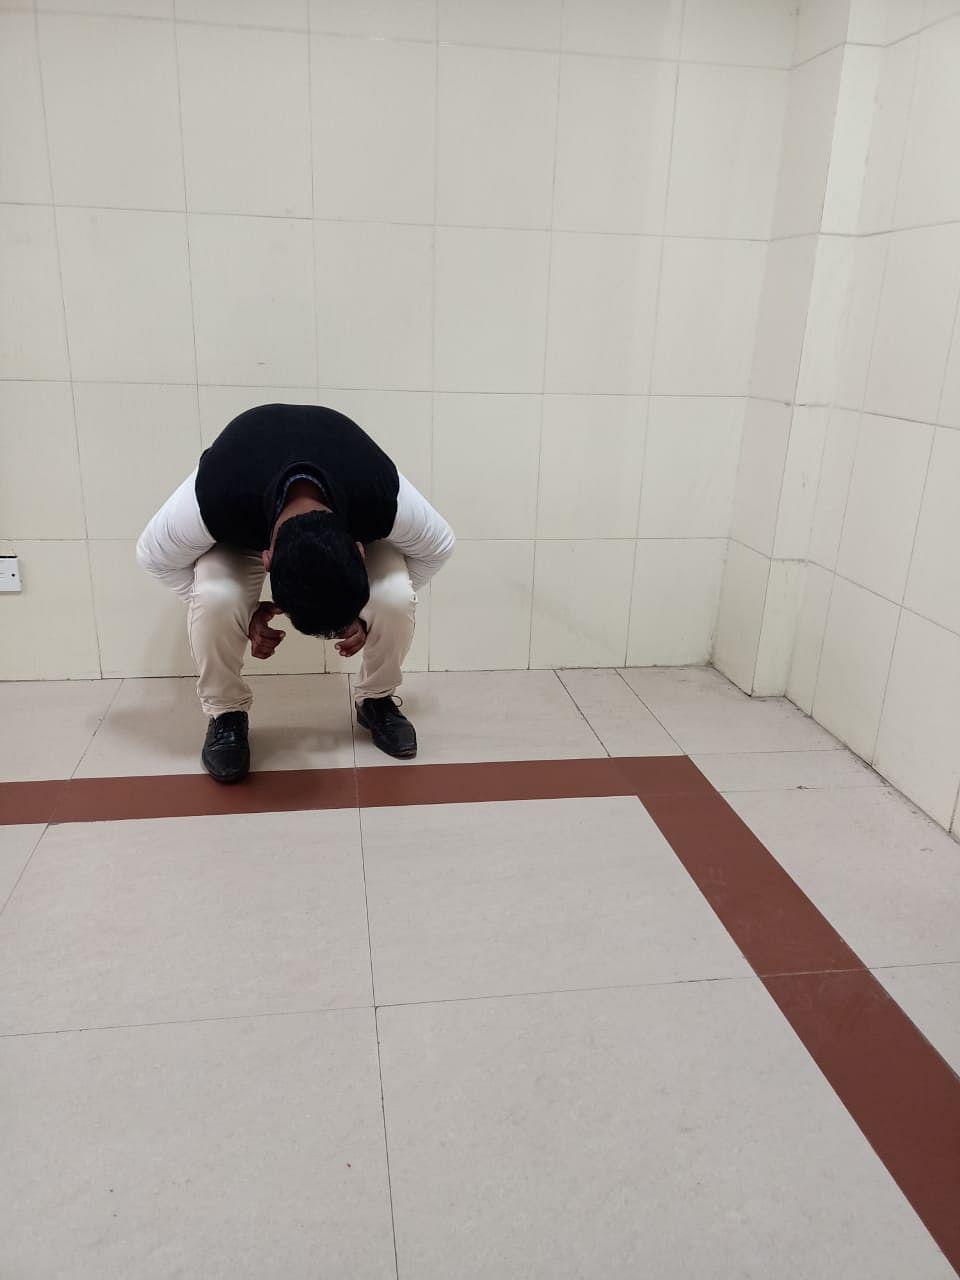 मेडिकल काॅलेज के जूनियर डॉक्टर की रैगिंग का फोटो वायरल, प्रिंसिपल का इनकार